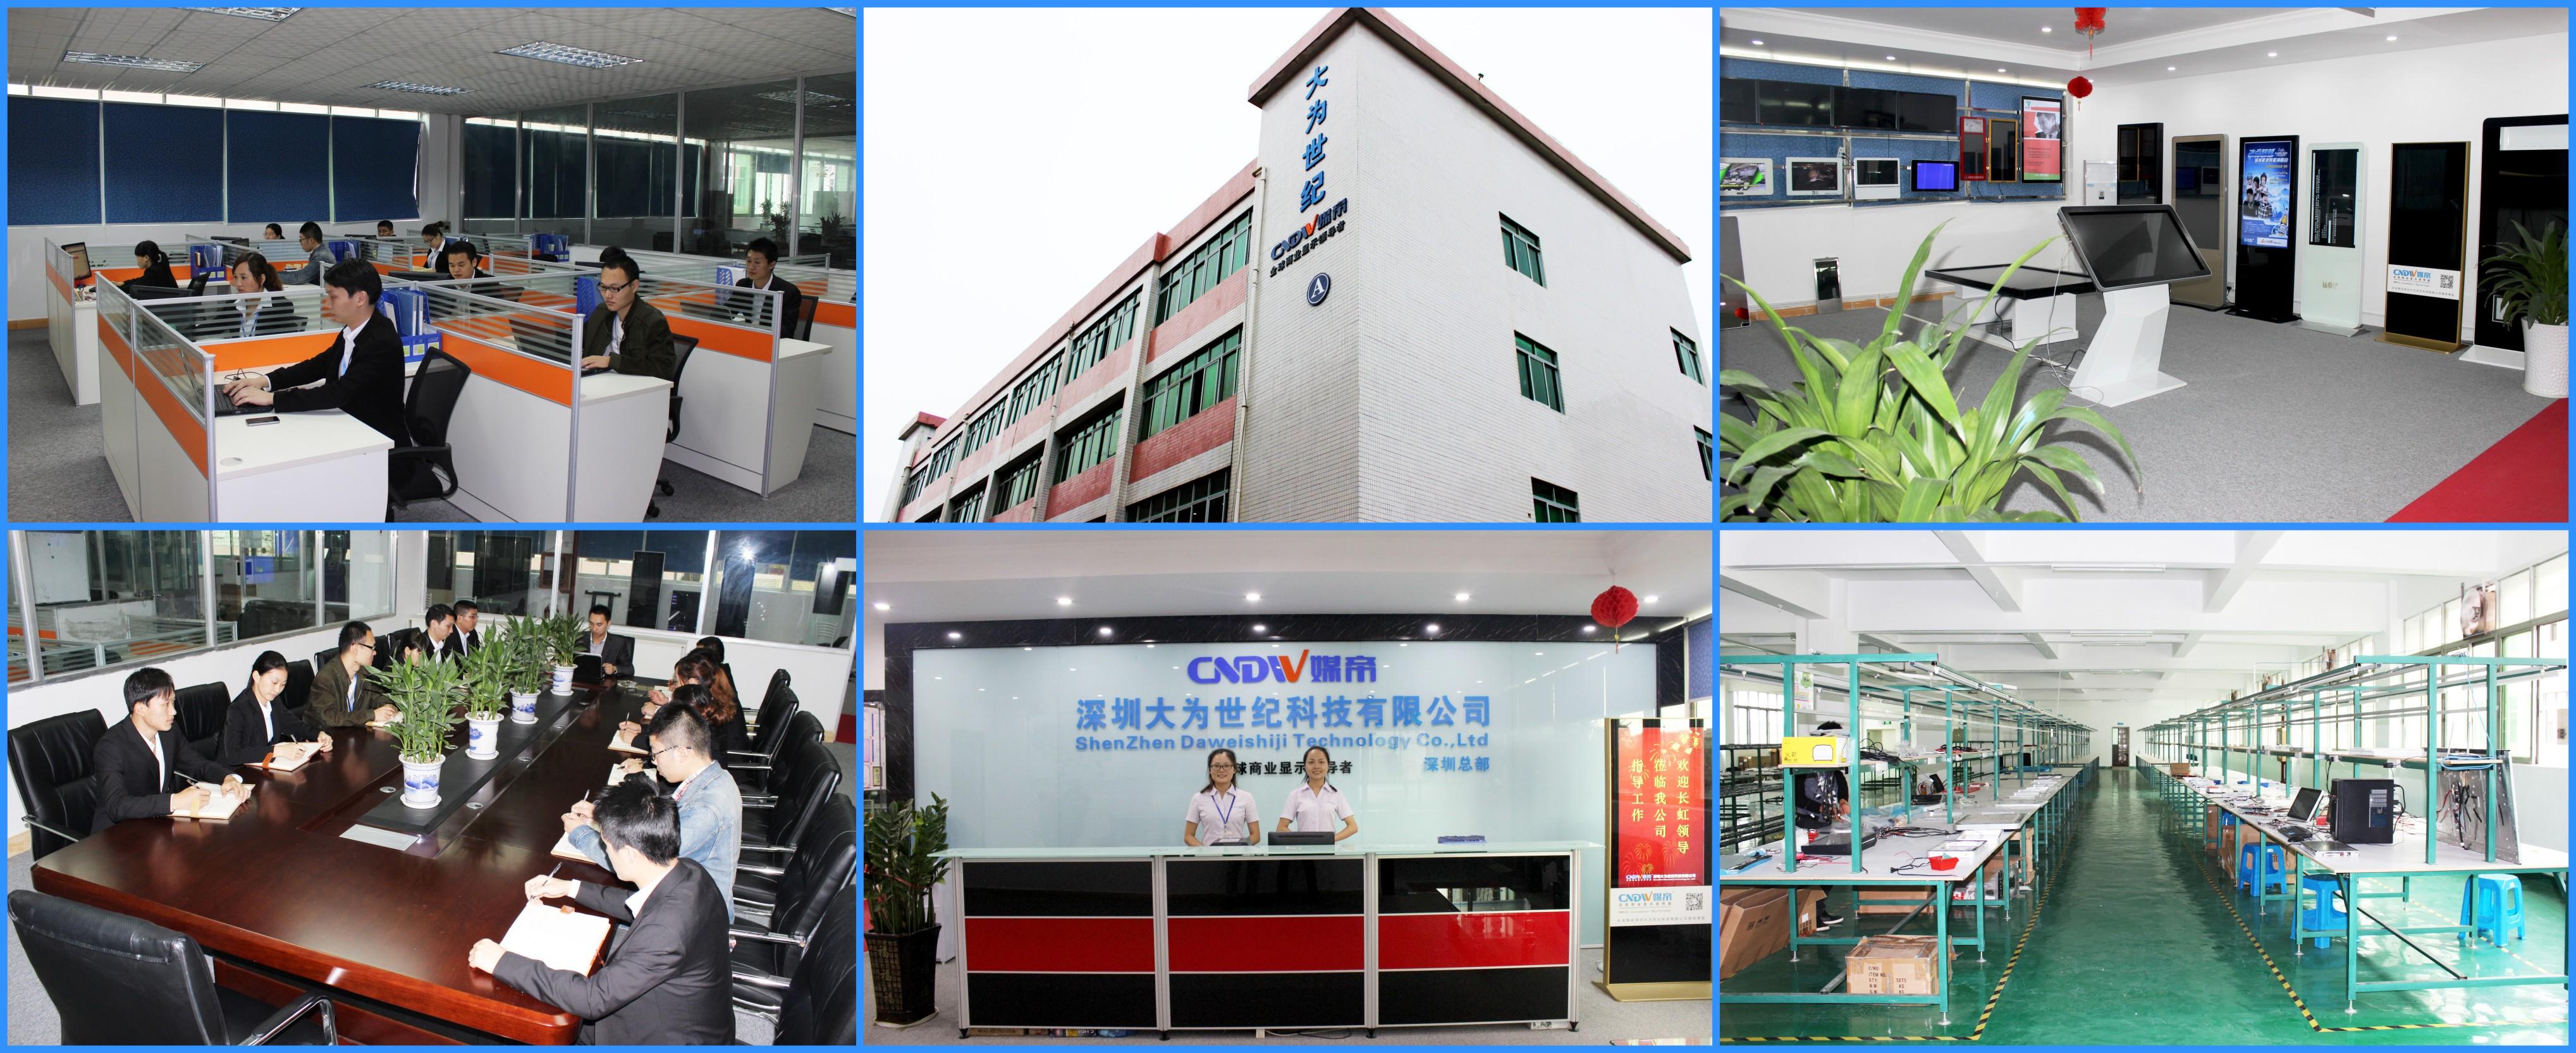 深圳大为世纪科技有限公司(媒帝CNDW)简况——办公室